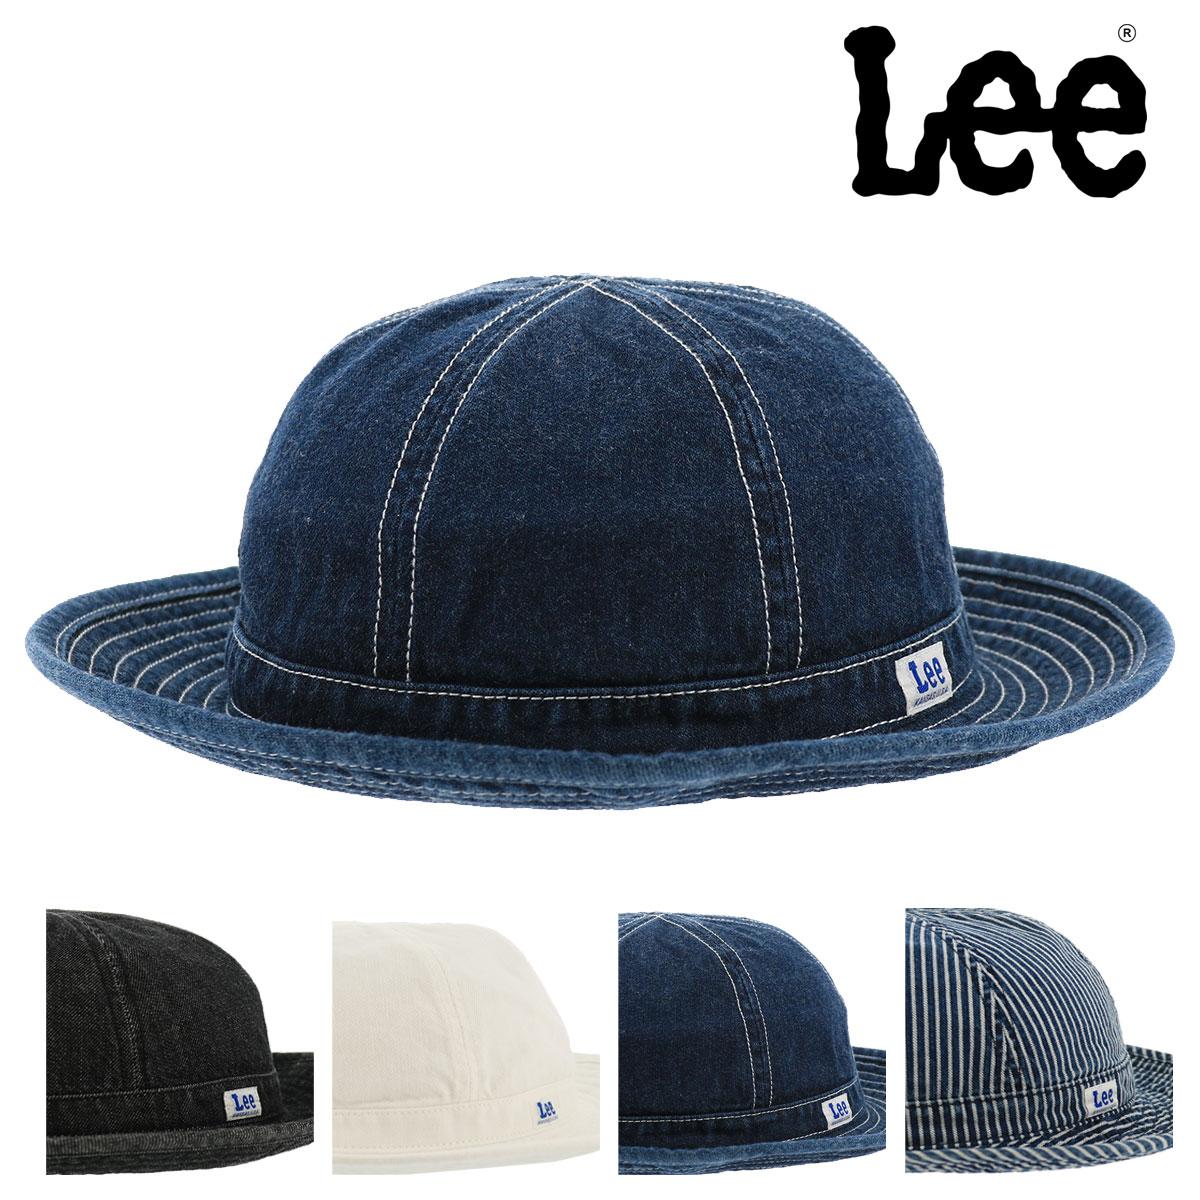 ハット メンズ レディース Lee デニム 100176307|メトロハット 帽子 コットン リー [bef][即日発送]